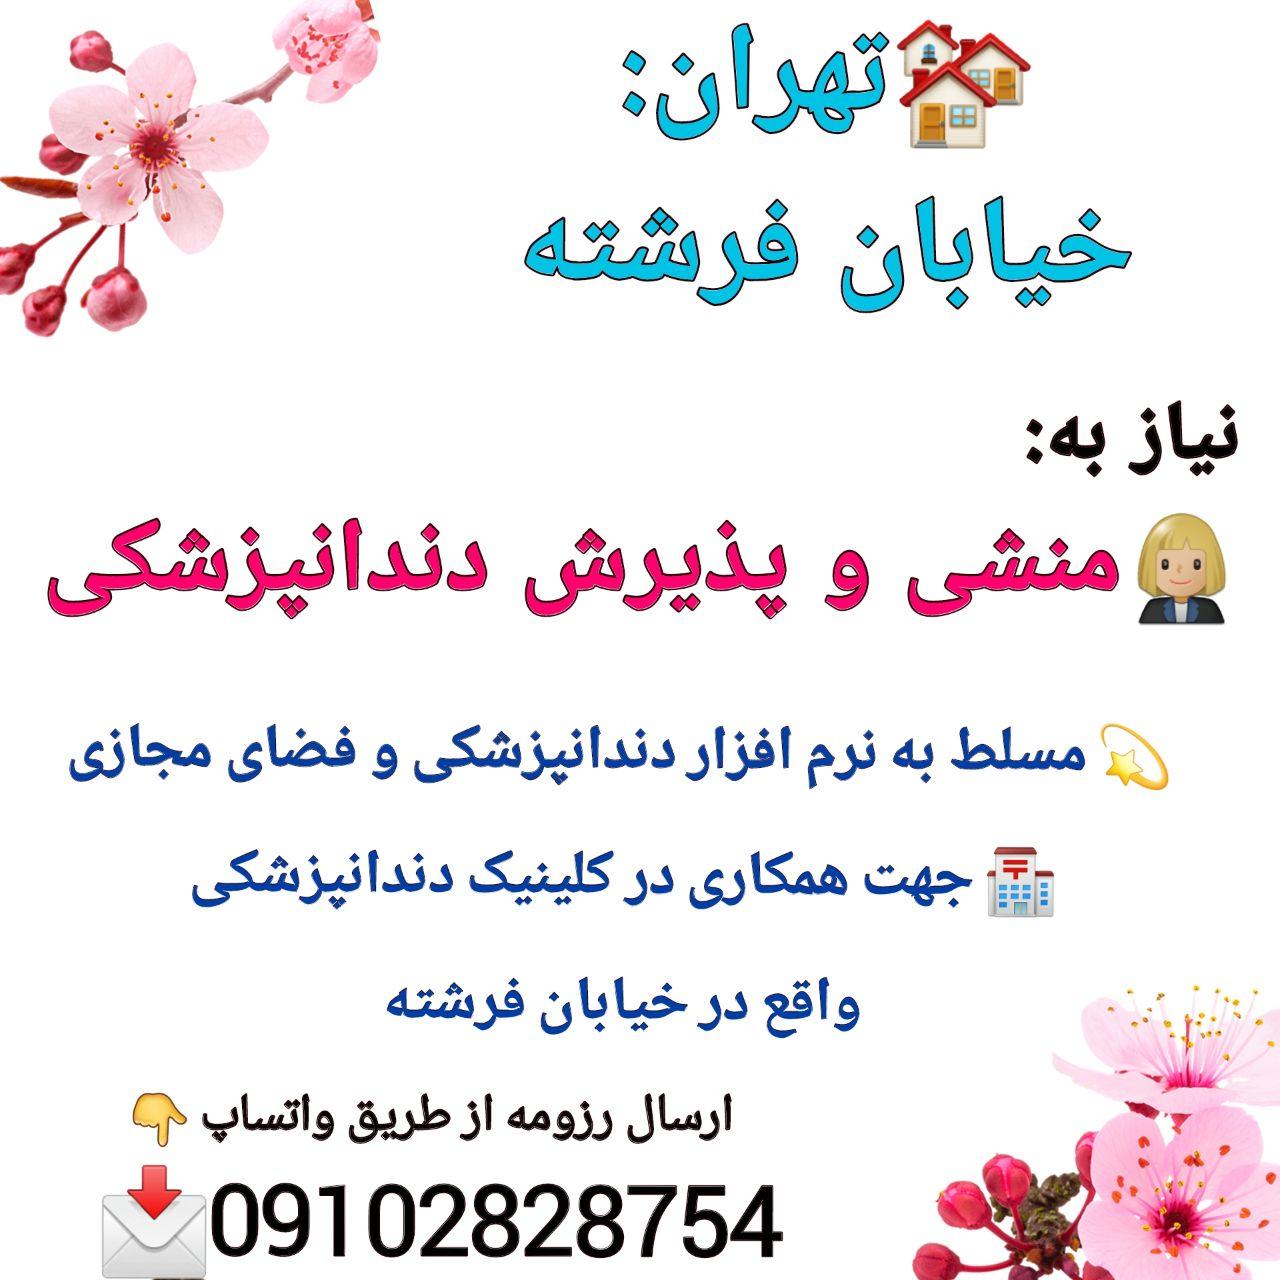 تهران: خیابان فرشته، نیاز به منشی و پذیرش دندانپزشکی